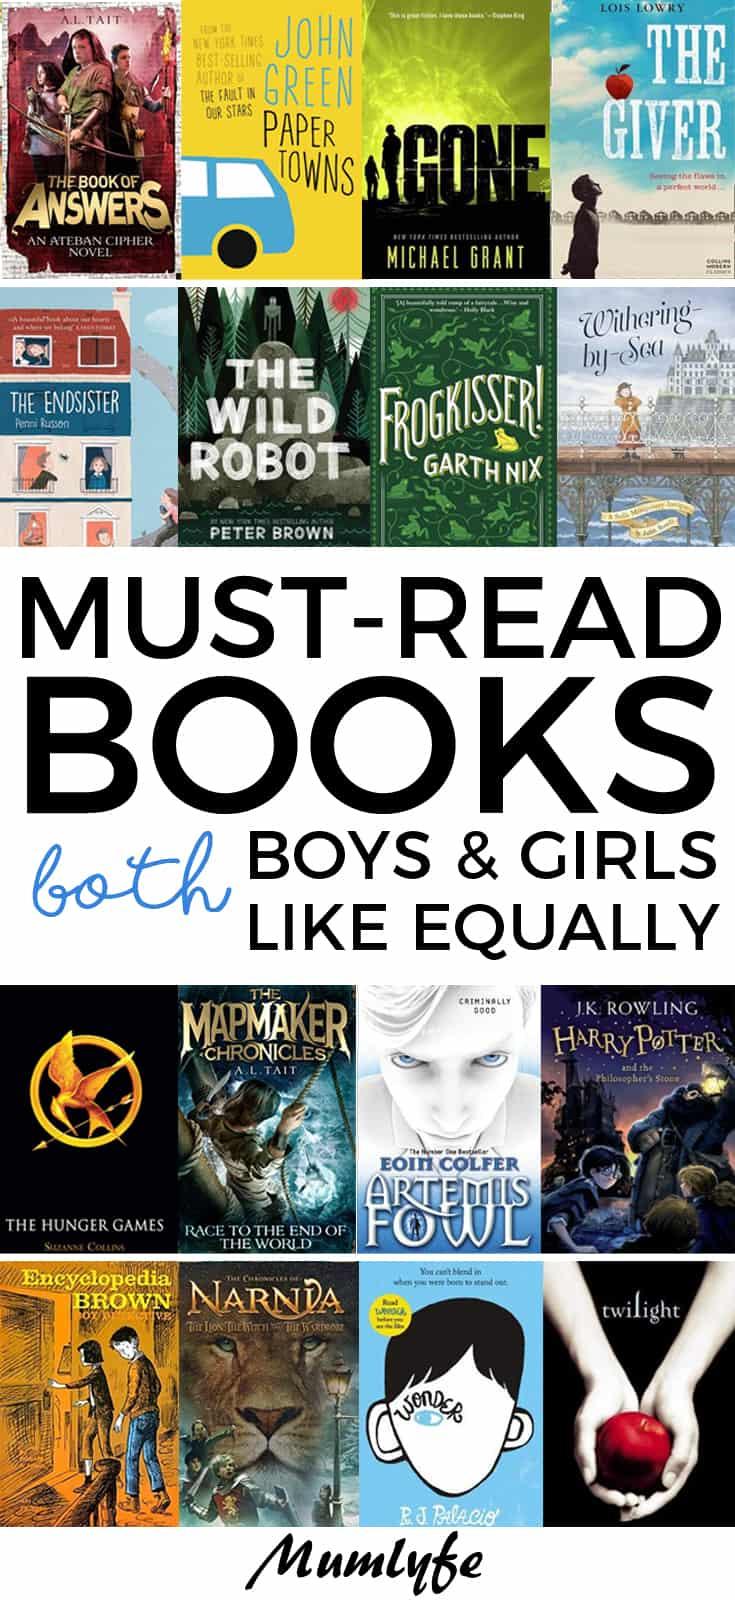 Books both girls and boys like equally